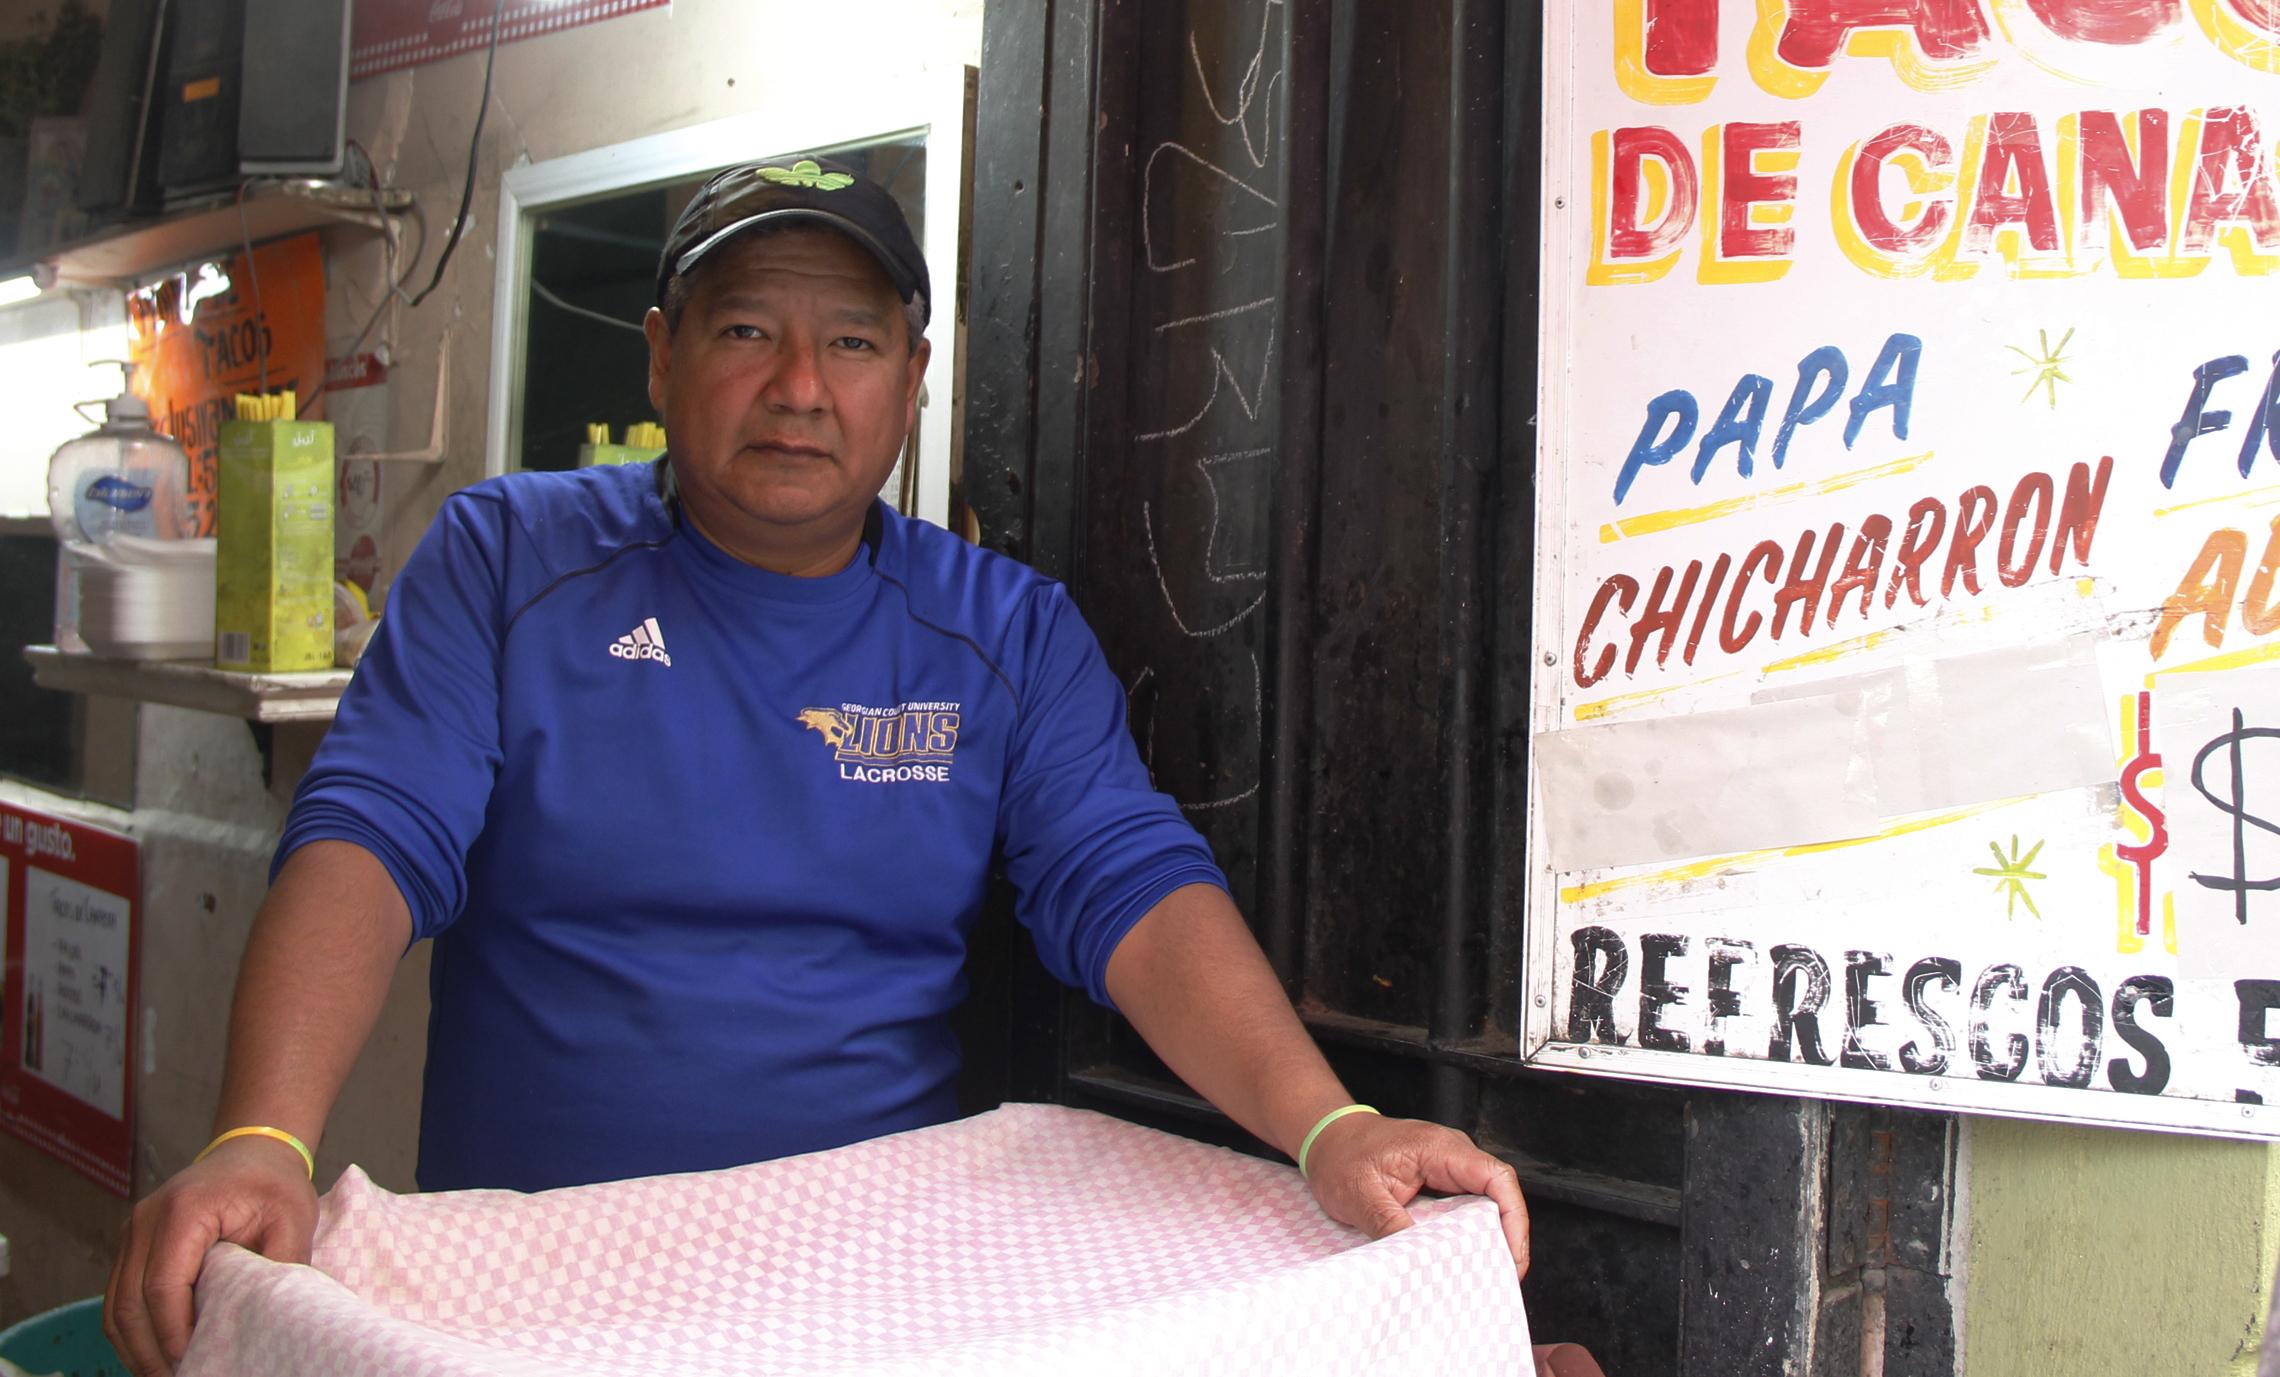 La percepción social del estilo de vida de un emprendedor y los problemas relacionados con la corrupción, son frenos para poner en marcha las ideas de los mexicanos.